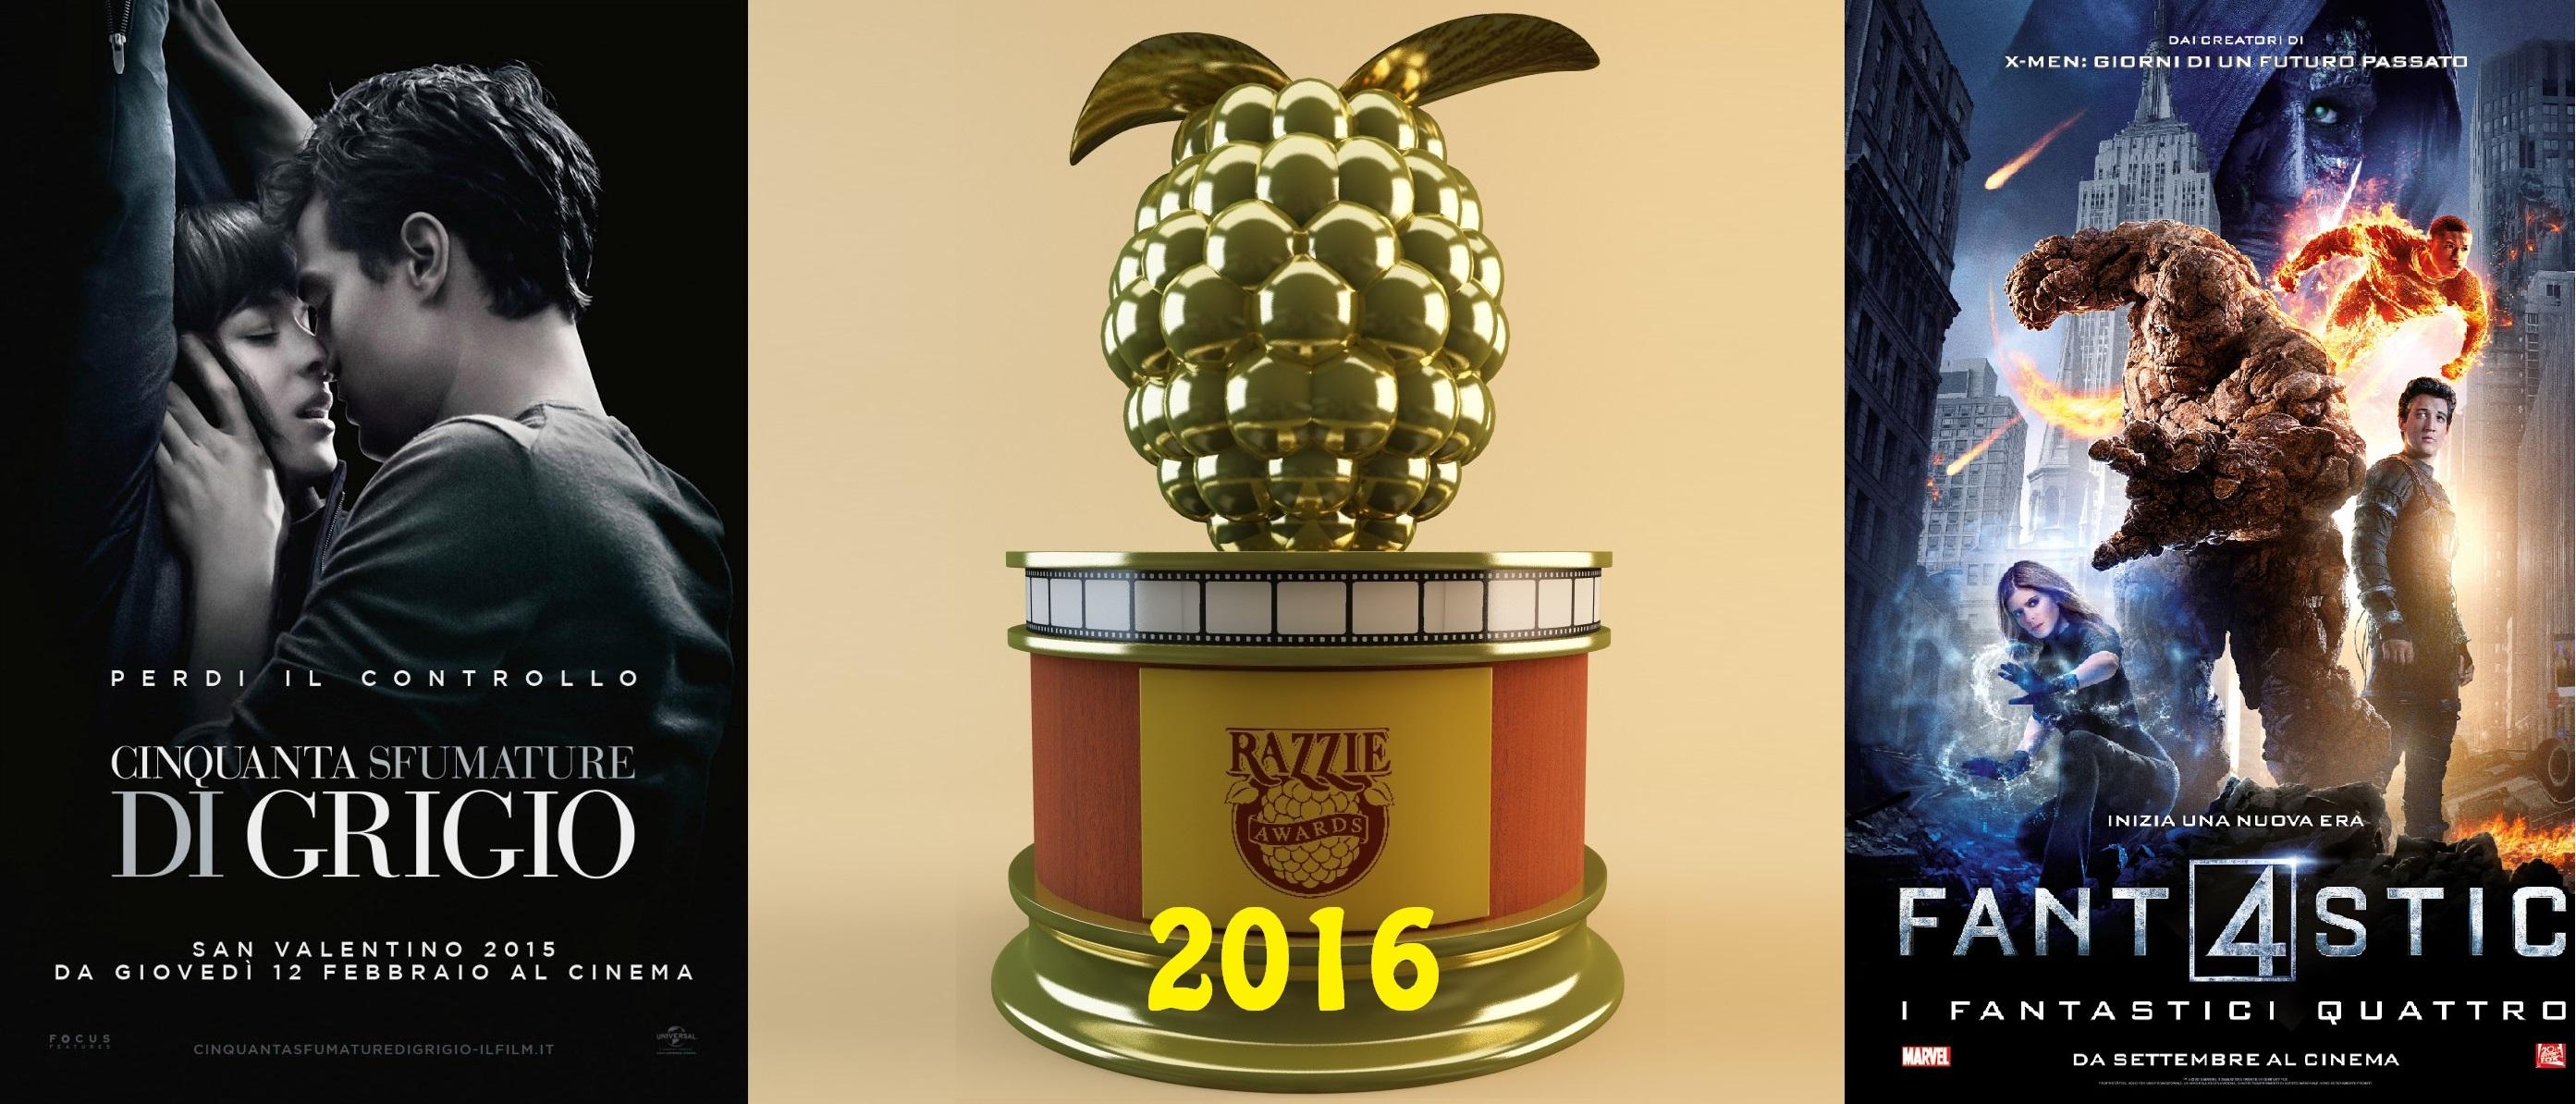 """Annunciati i vincitori dei """"Golden Raspberry Awards"""" 2016, comunemente conosciuti come i Razzies, i premi per i peggiori film dell'anno. Arrivati alla 36a edizione, come da tradizione vengono assegnati il […]"""